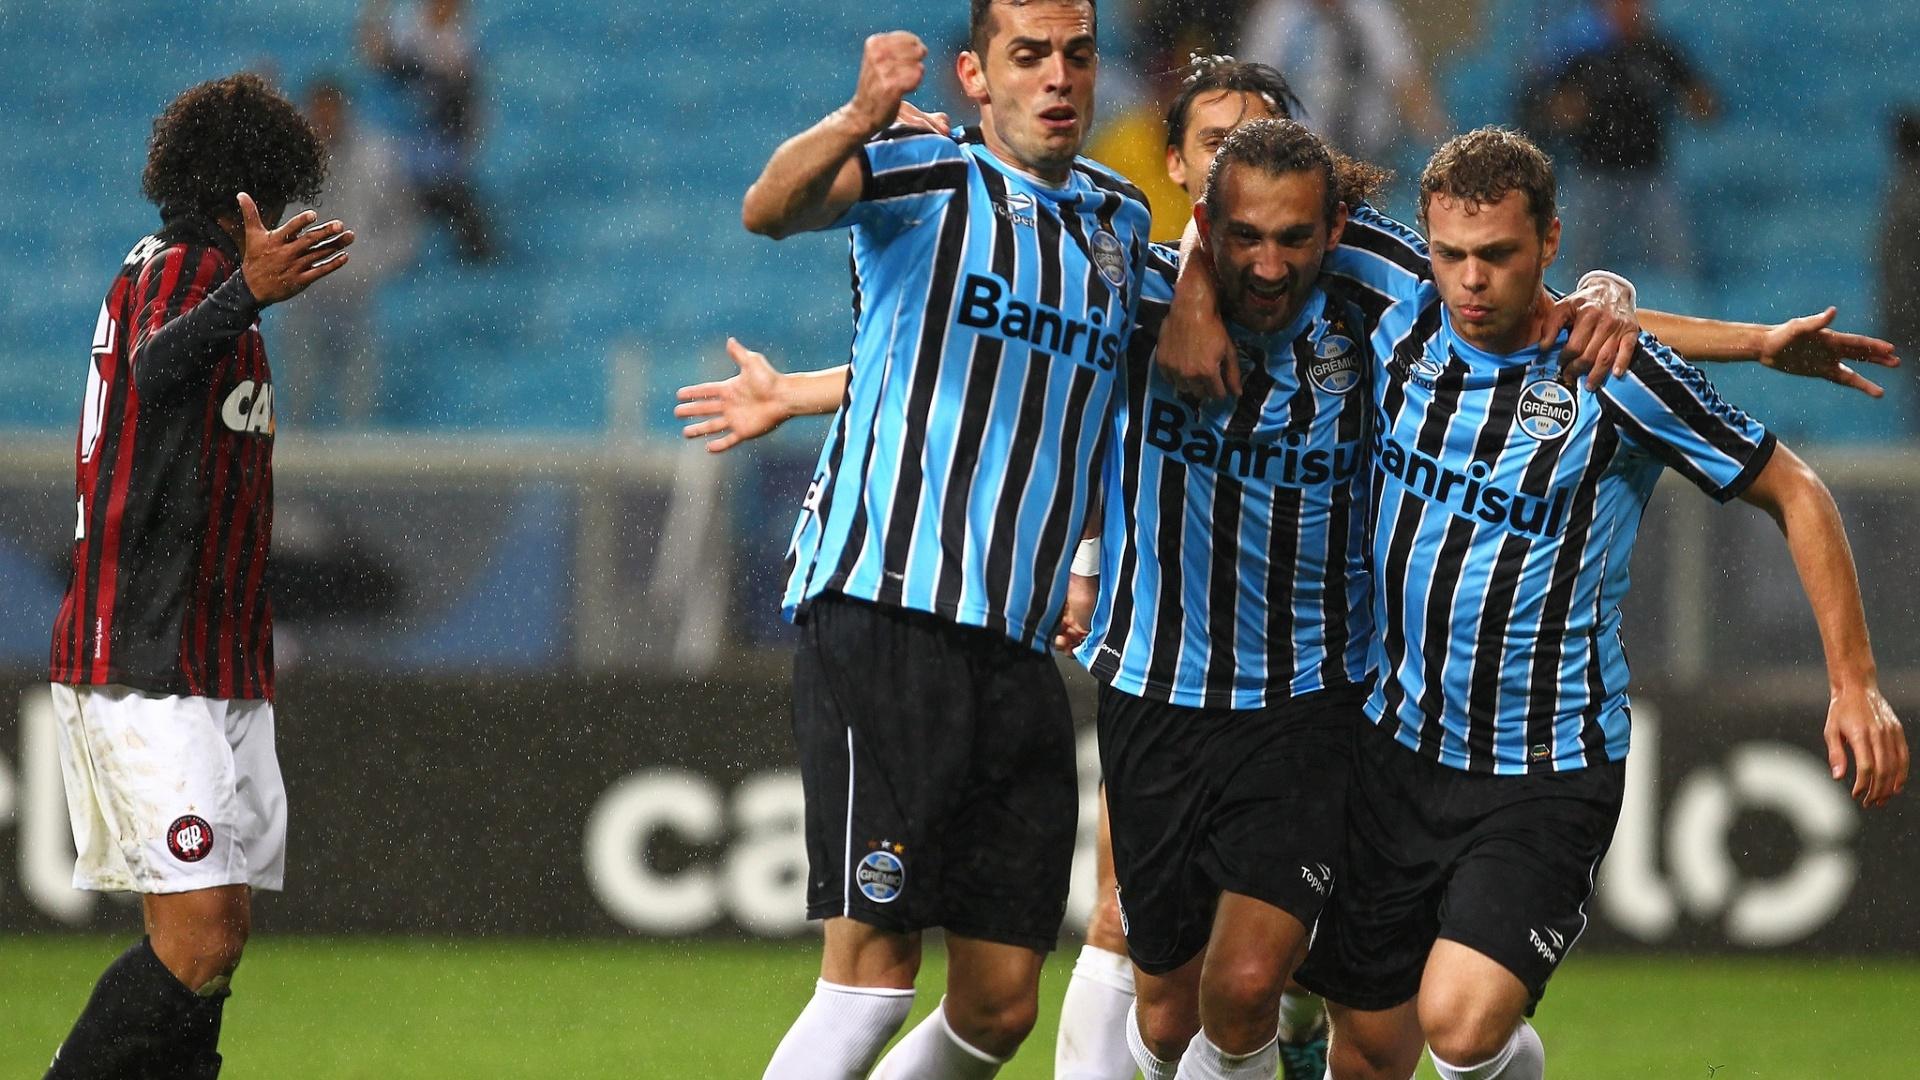 Jogadores do Grêmio comemoram gol contra o Atlético-PR pelo Brasileirão